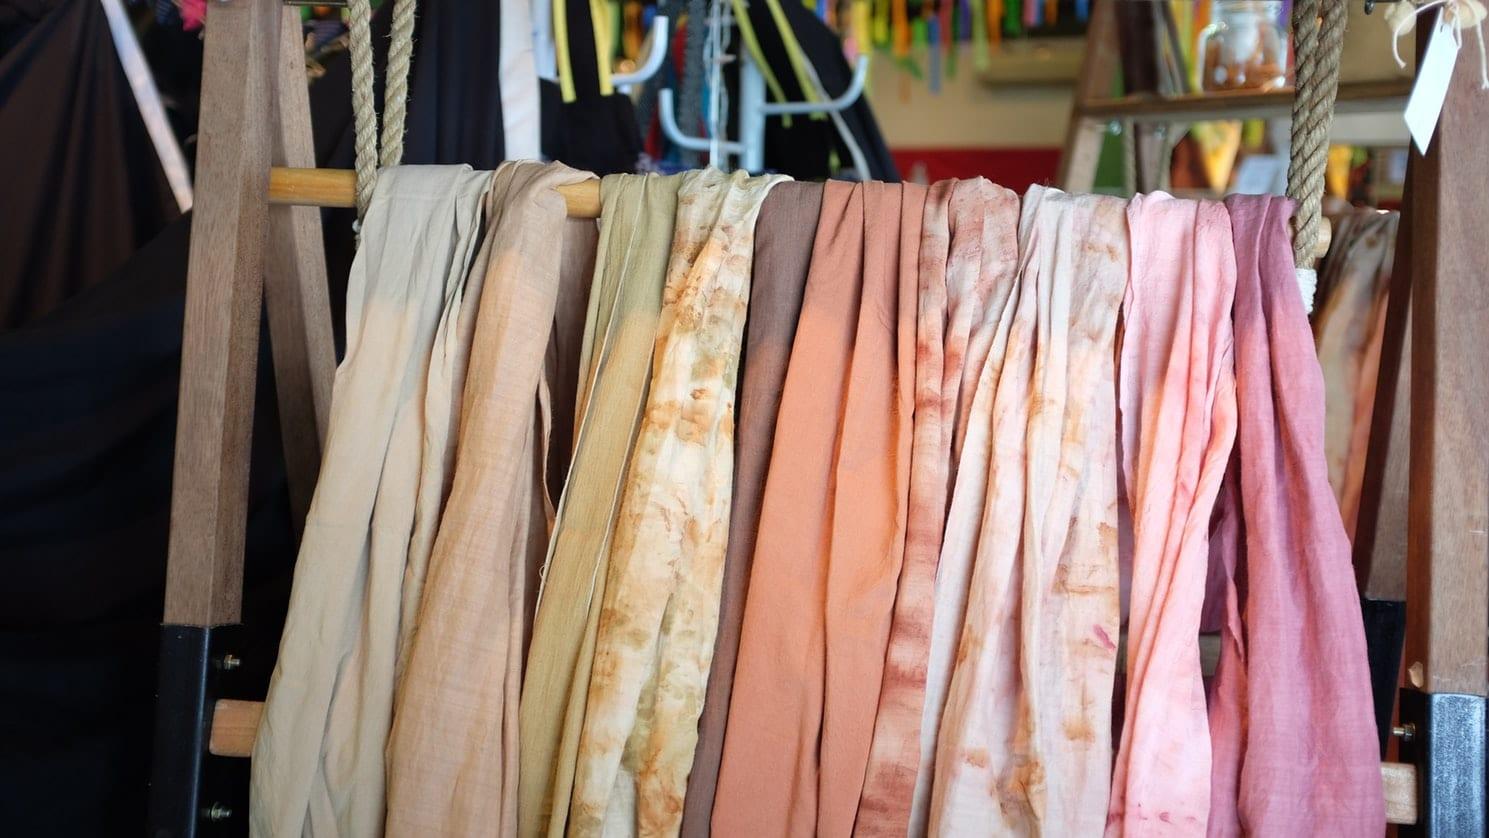 Sering Digunakan untuk Jilbab, Bahan Poly Silk Seperti Apa?